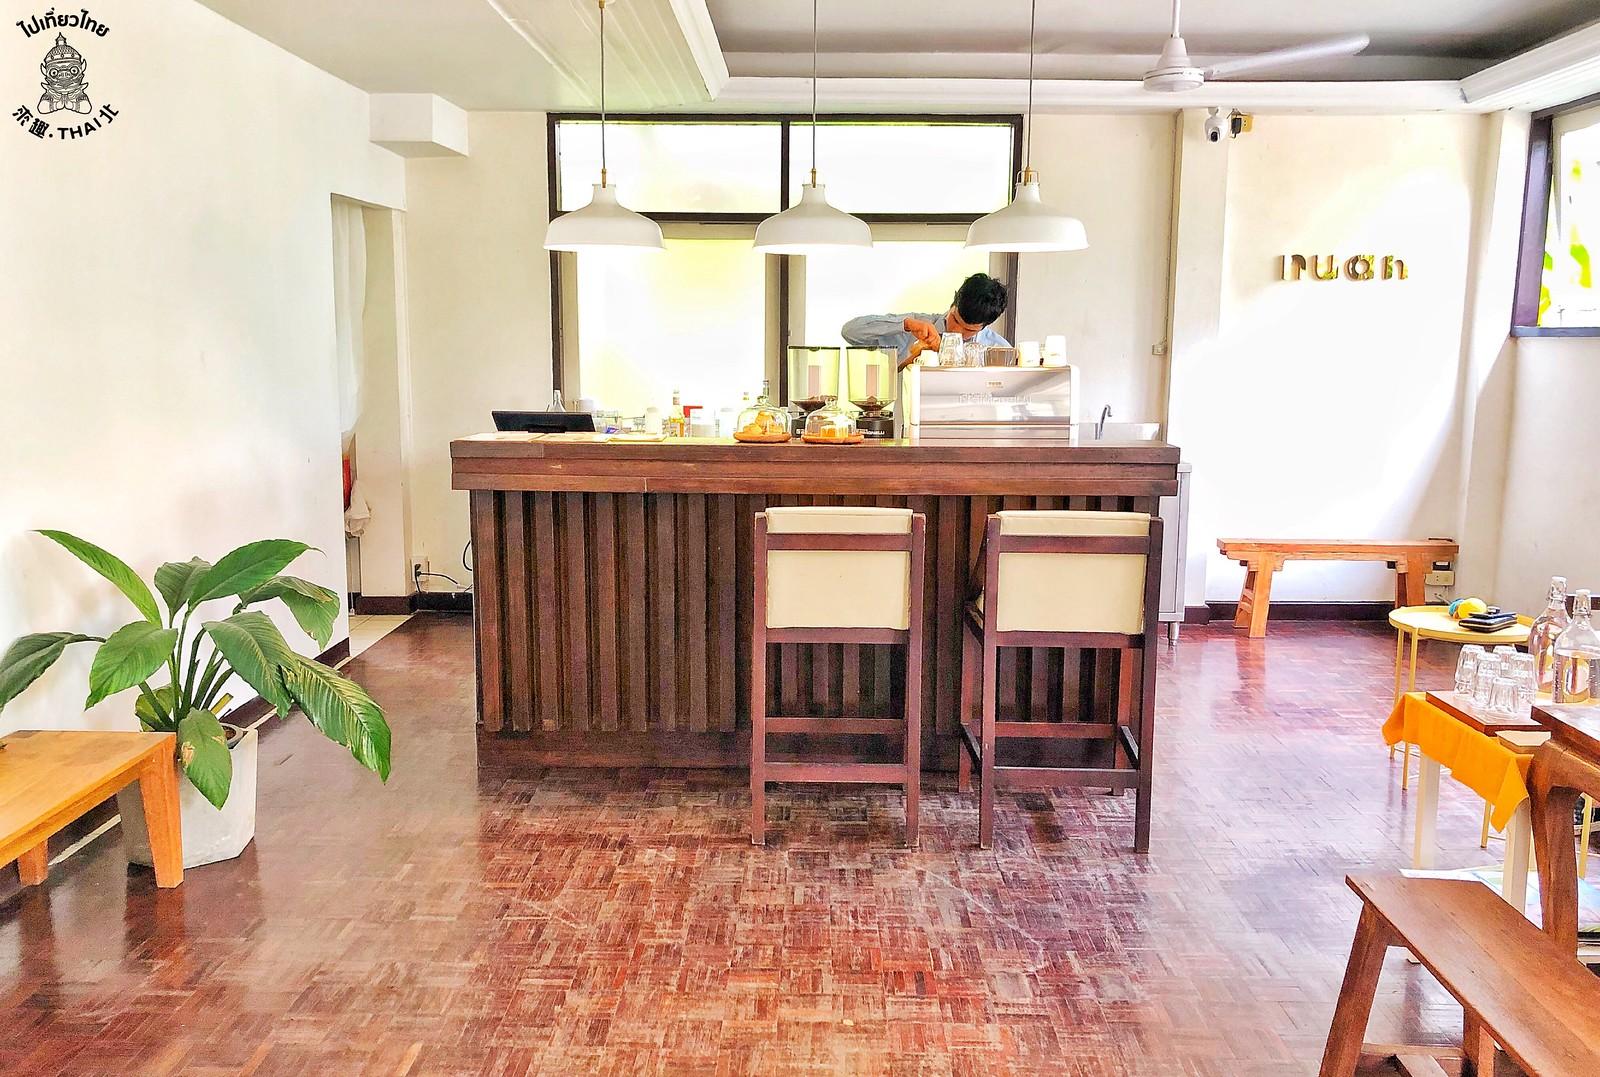 《Nuan cafe & bistro》清邁古城內五十年老屋變身咖啡廳